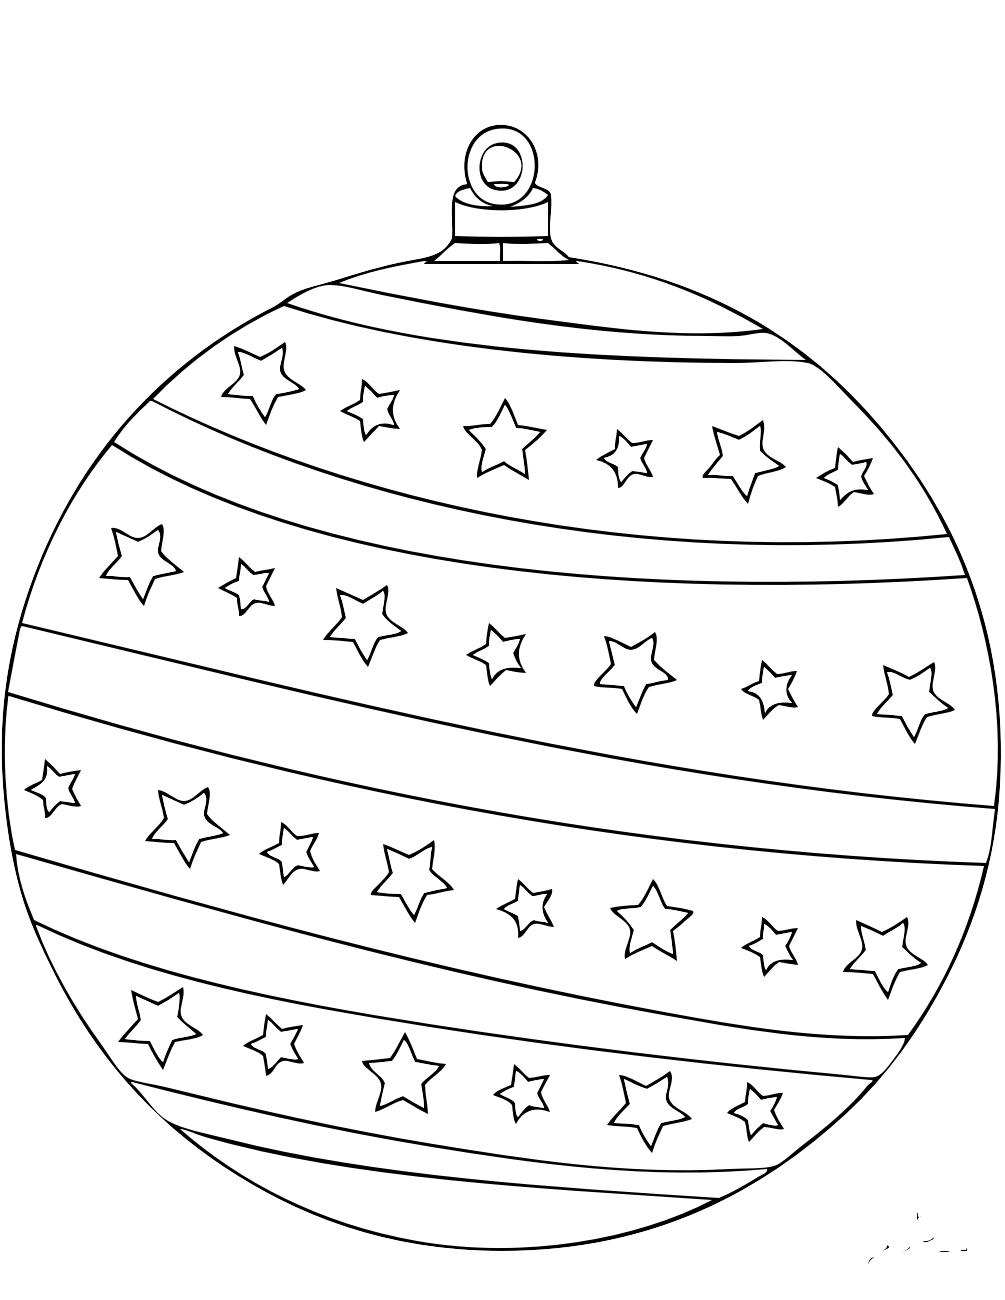 шарики на елку картинки раскраски второе место собственном